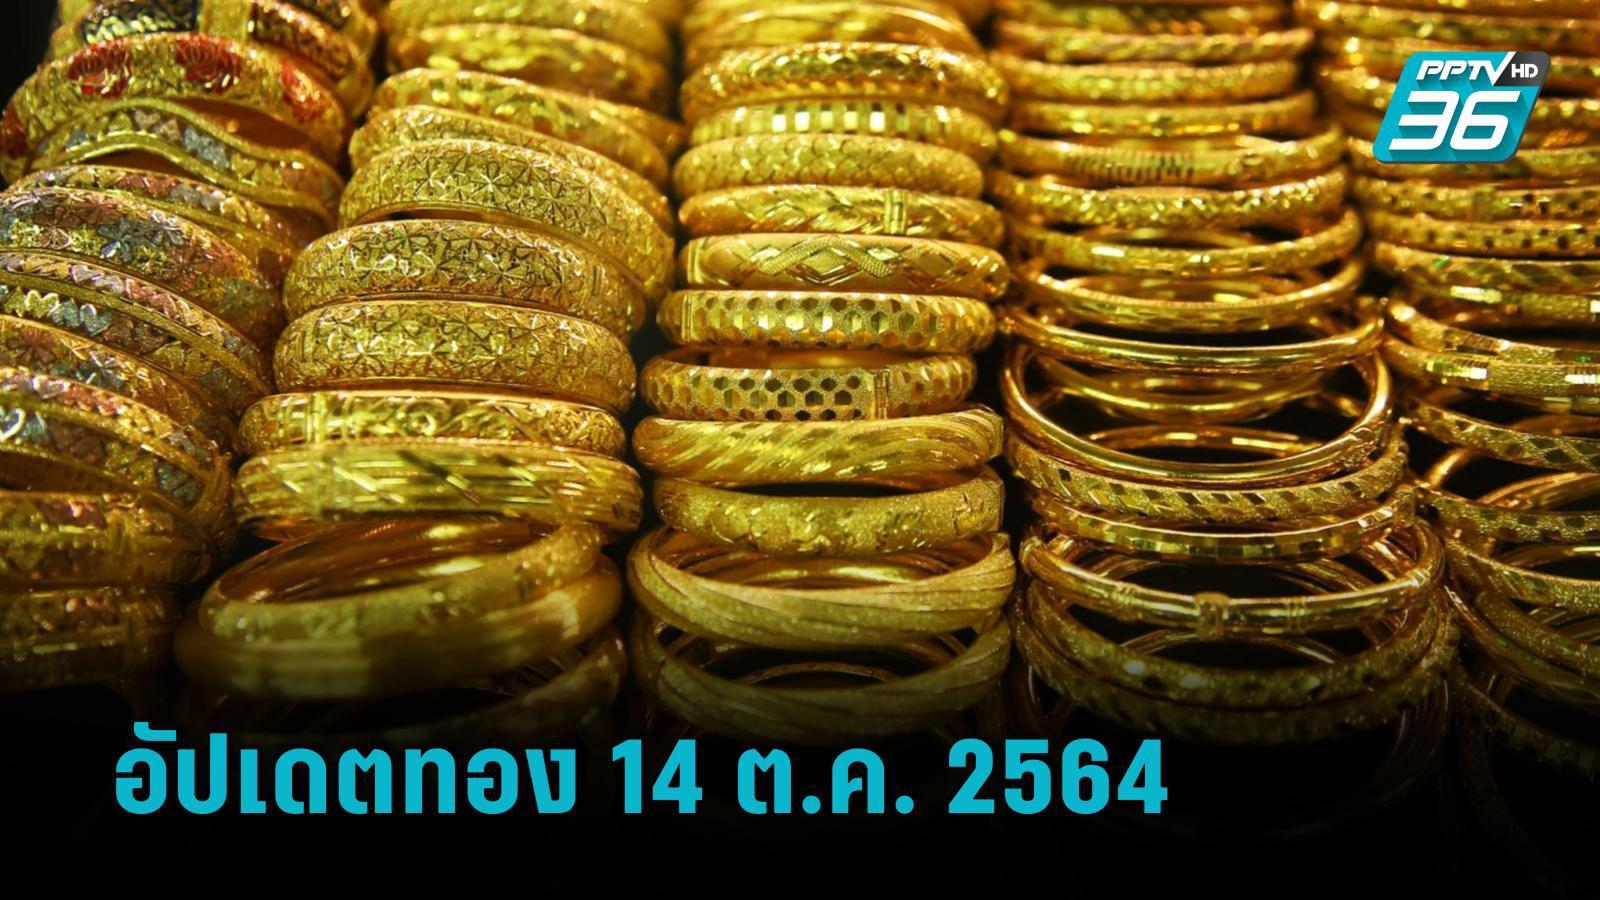 ราคาทองวันนี้ – 14 ต.ค. 64 ปรับราคา 5 ครั้ง รูปพรรณบาทละ 28,750